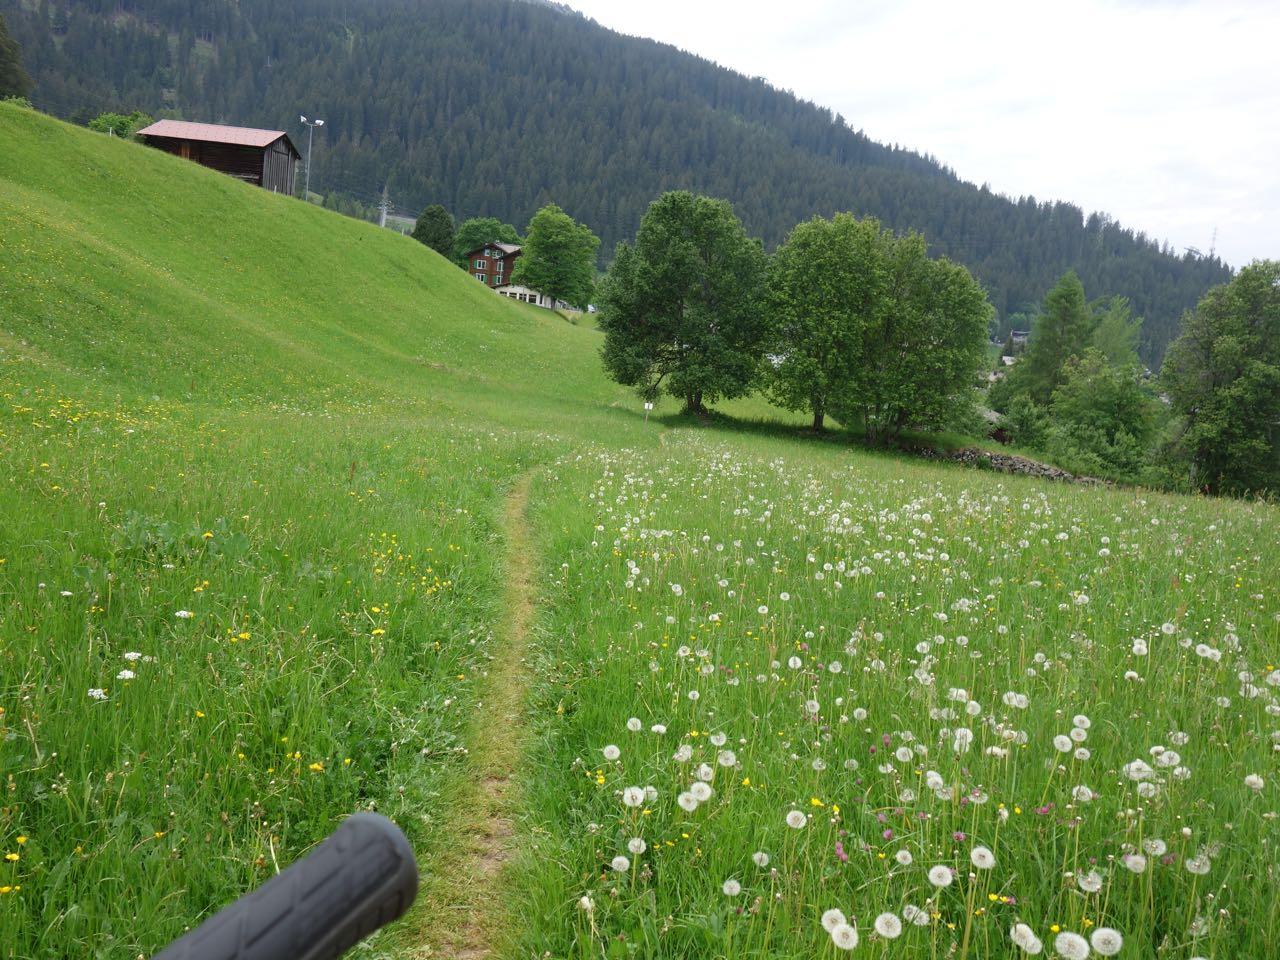 Grasgrün ist der Trail in Klosters